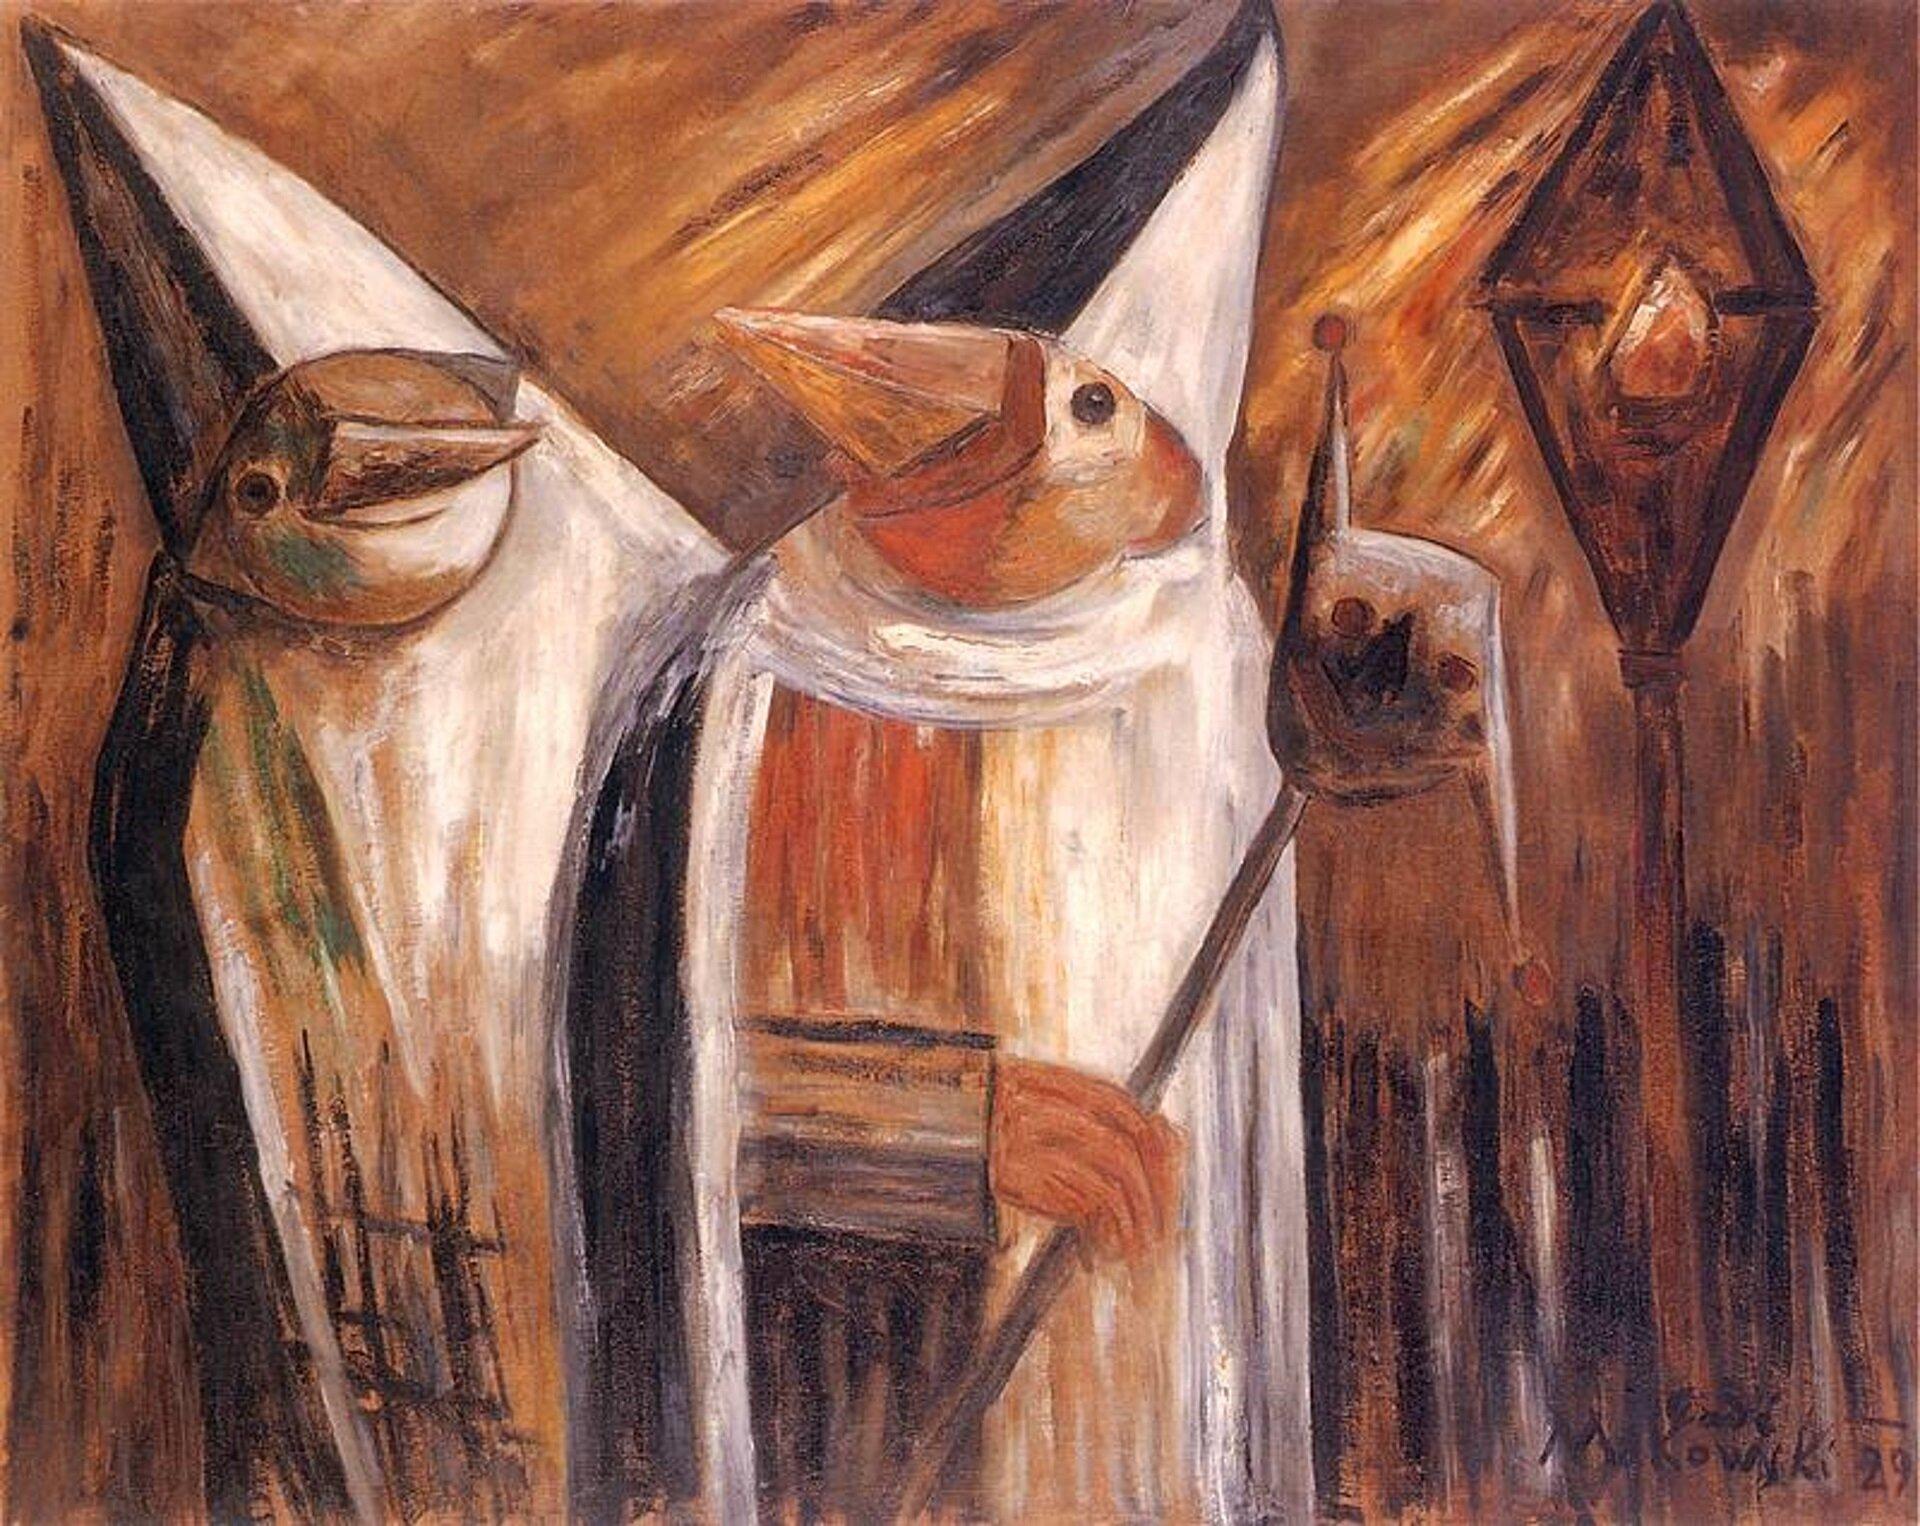 """Ilustracja przedstawia obraz pt. """"Maski"""" autorstwa Tadeusza Makowskiego. Dzieło ukazuje dwie przebrane postacie. Mają one wysokie, szpiczaste kapelusze. Jedna znich trzyma wręku maskę."""